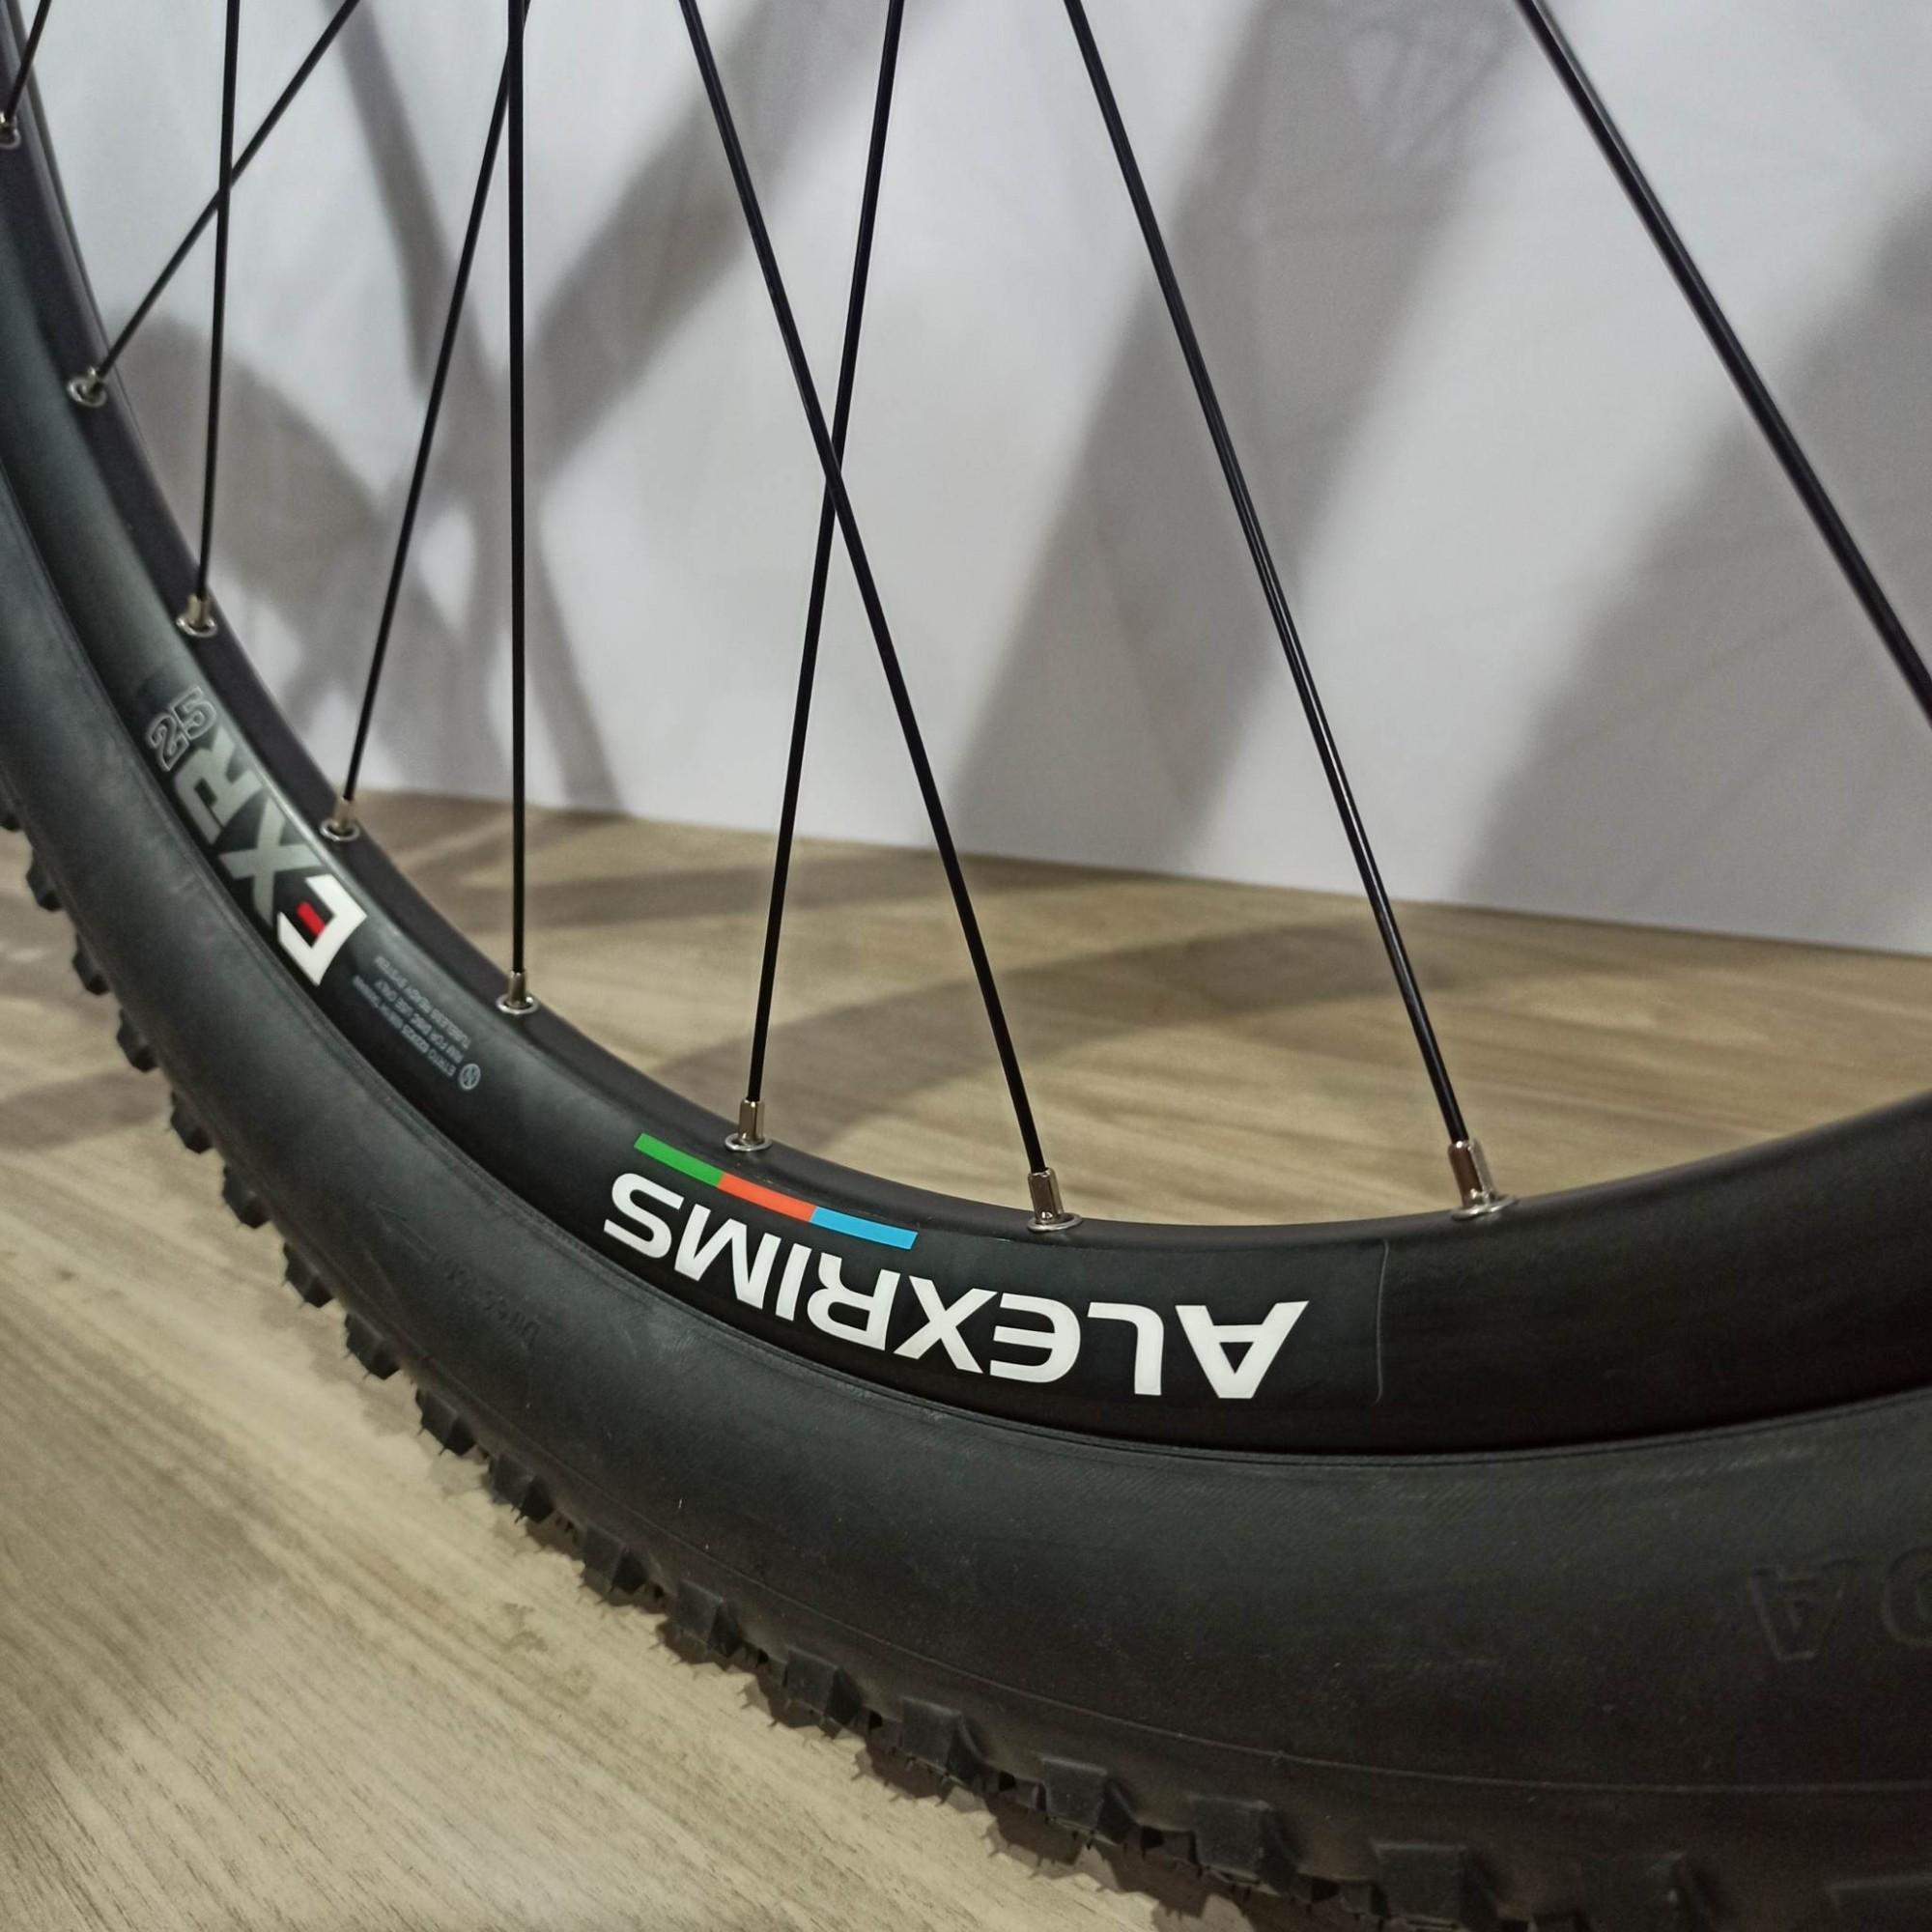 Bicicleta OGGI Agile PRO GX 2021 - 12v SRAM GX Eagle - K7 Sram 10/52 dentes - Suspensão FOX StepCast 32 SC - Preto/Grafite